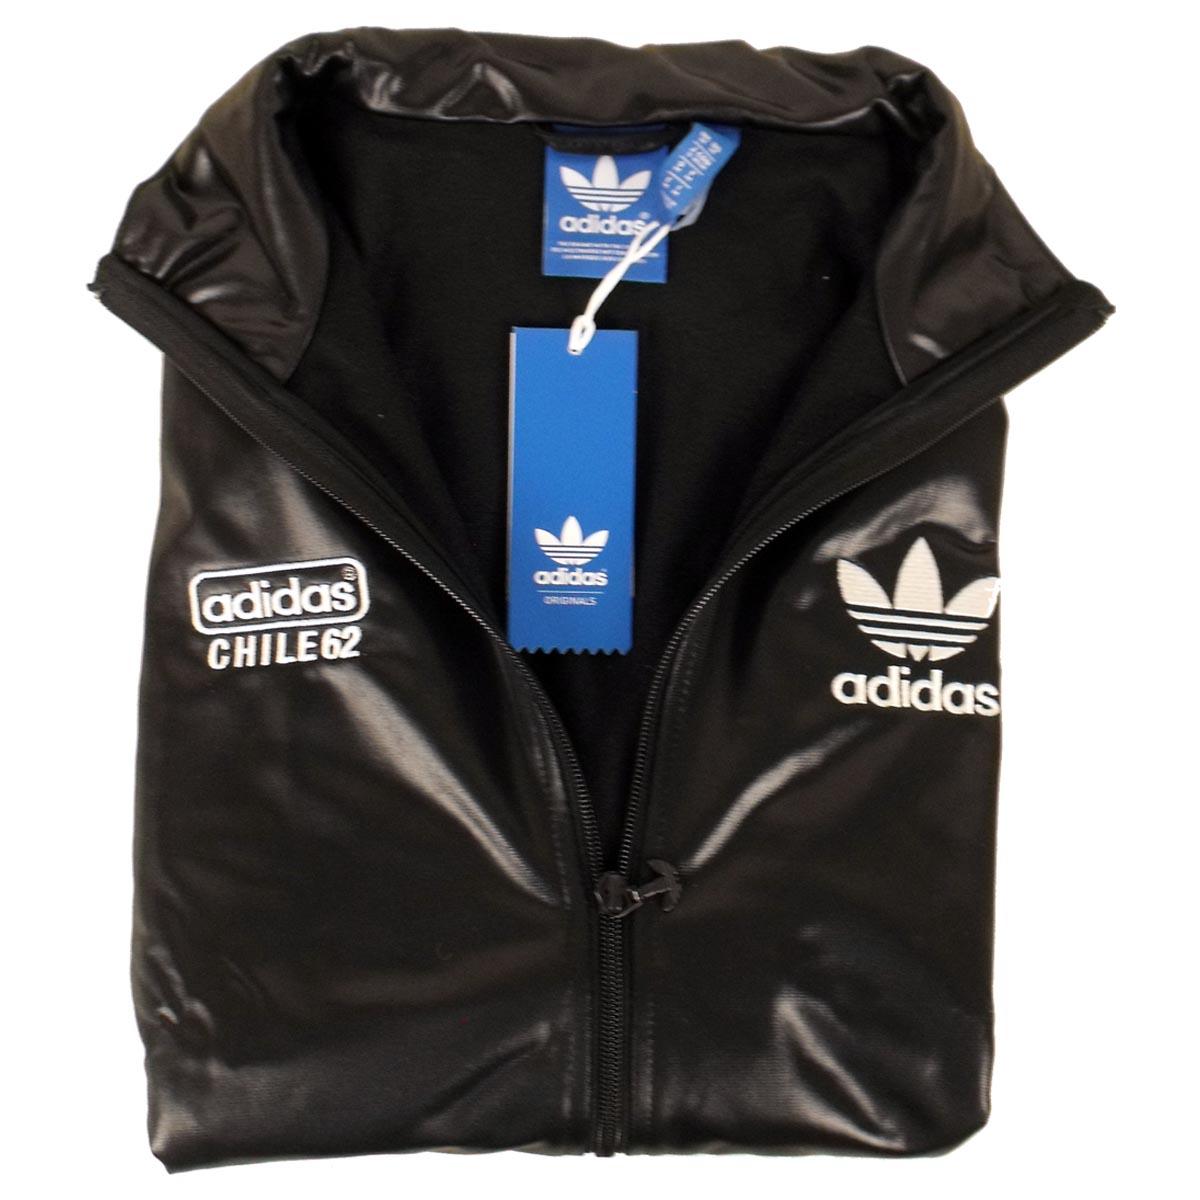 Adidas chile 62 jacke ebay